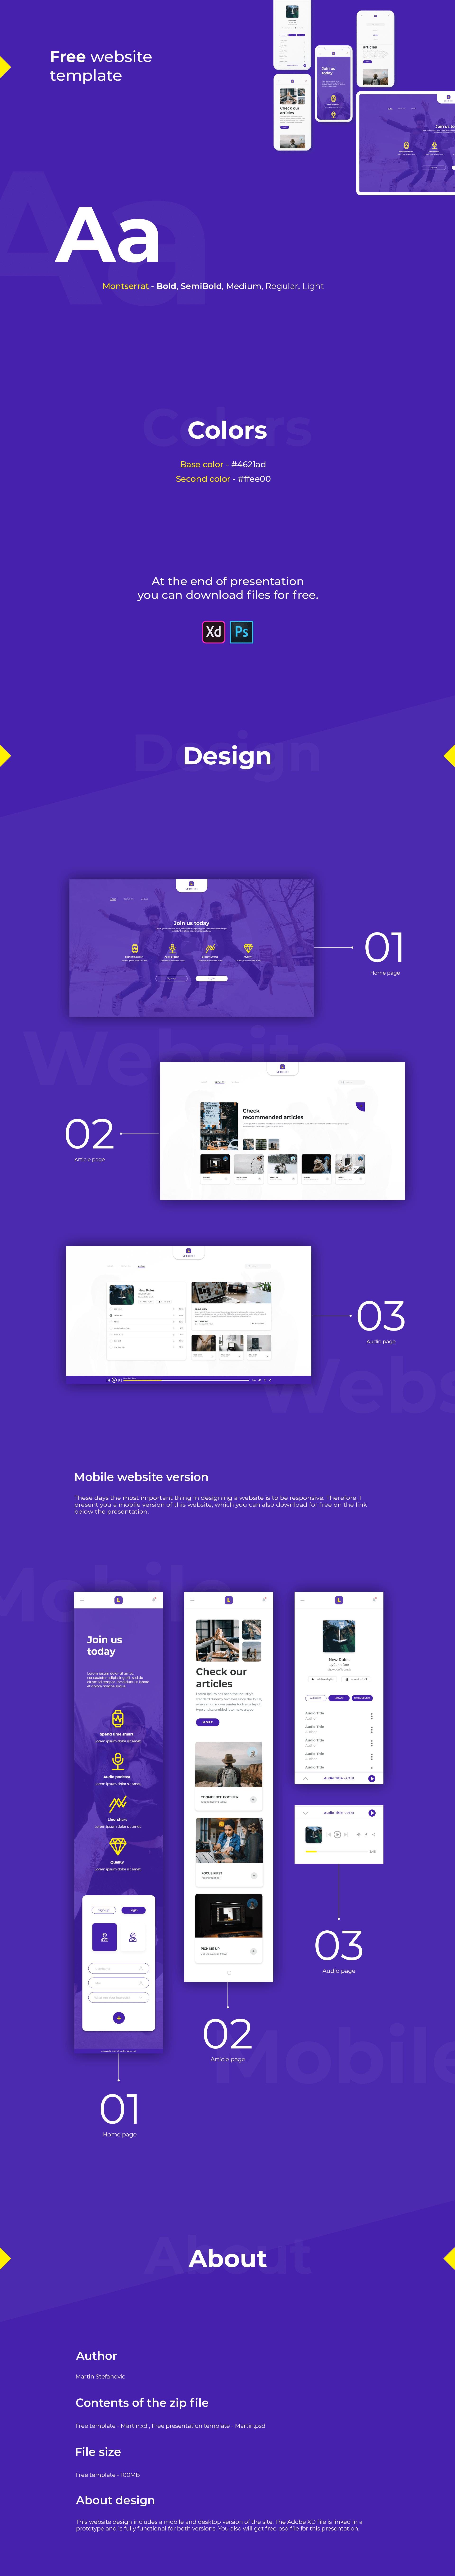 响应式高端设计网站UI设计模板